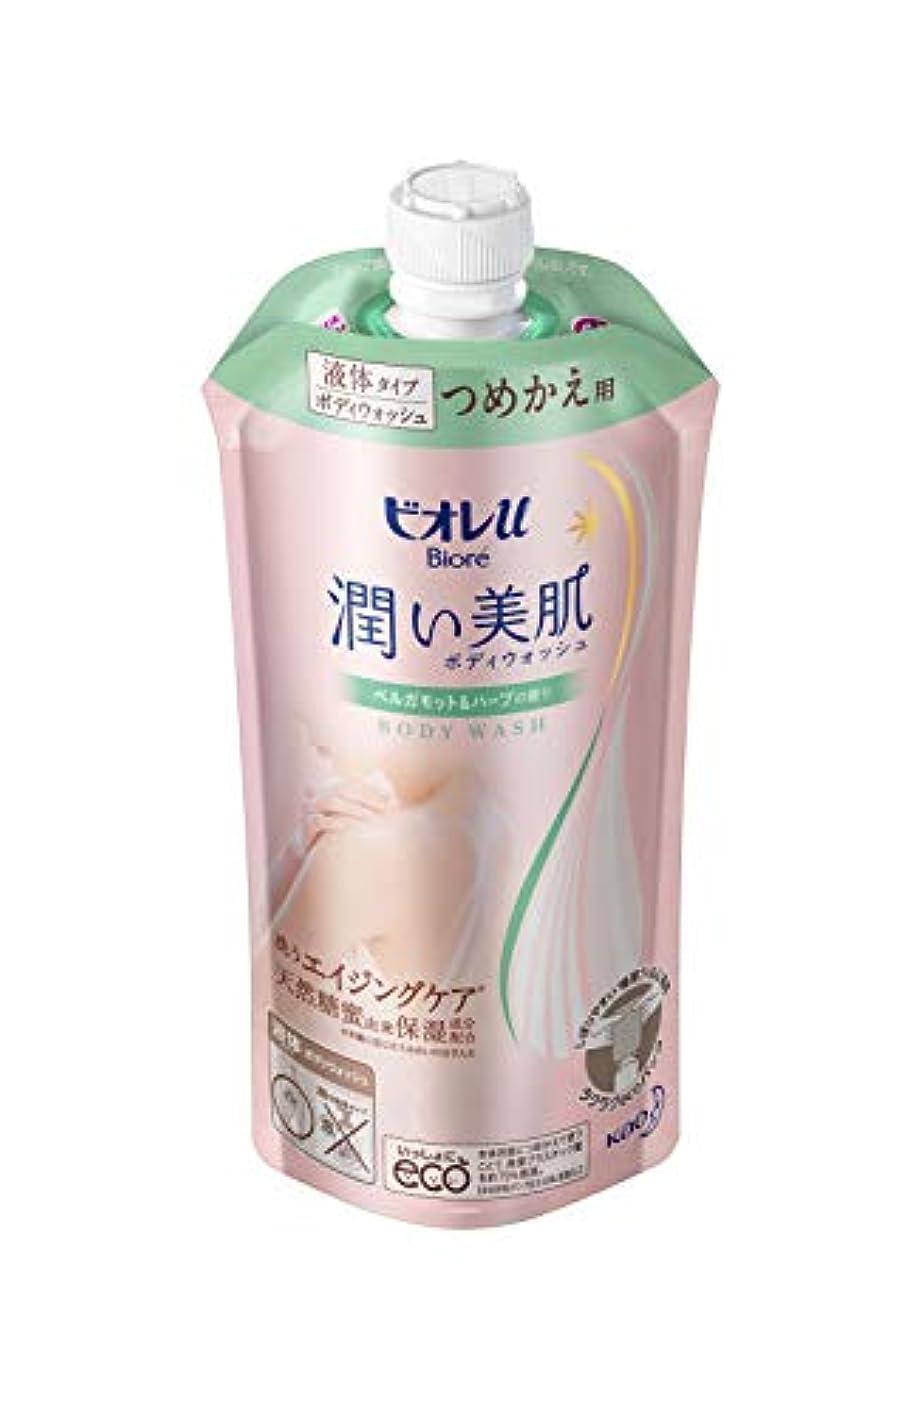 寝る実験室泥ビオレu 潤い美肌ボディウォッシュ ベルガモット&ハーブの香り つめかえ用